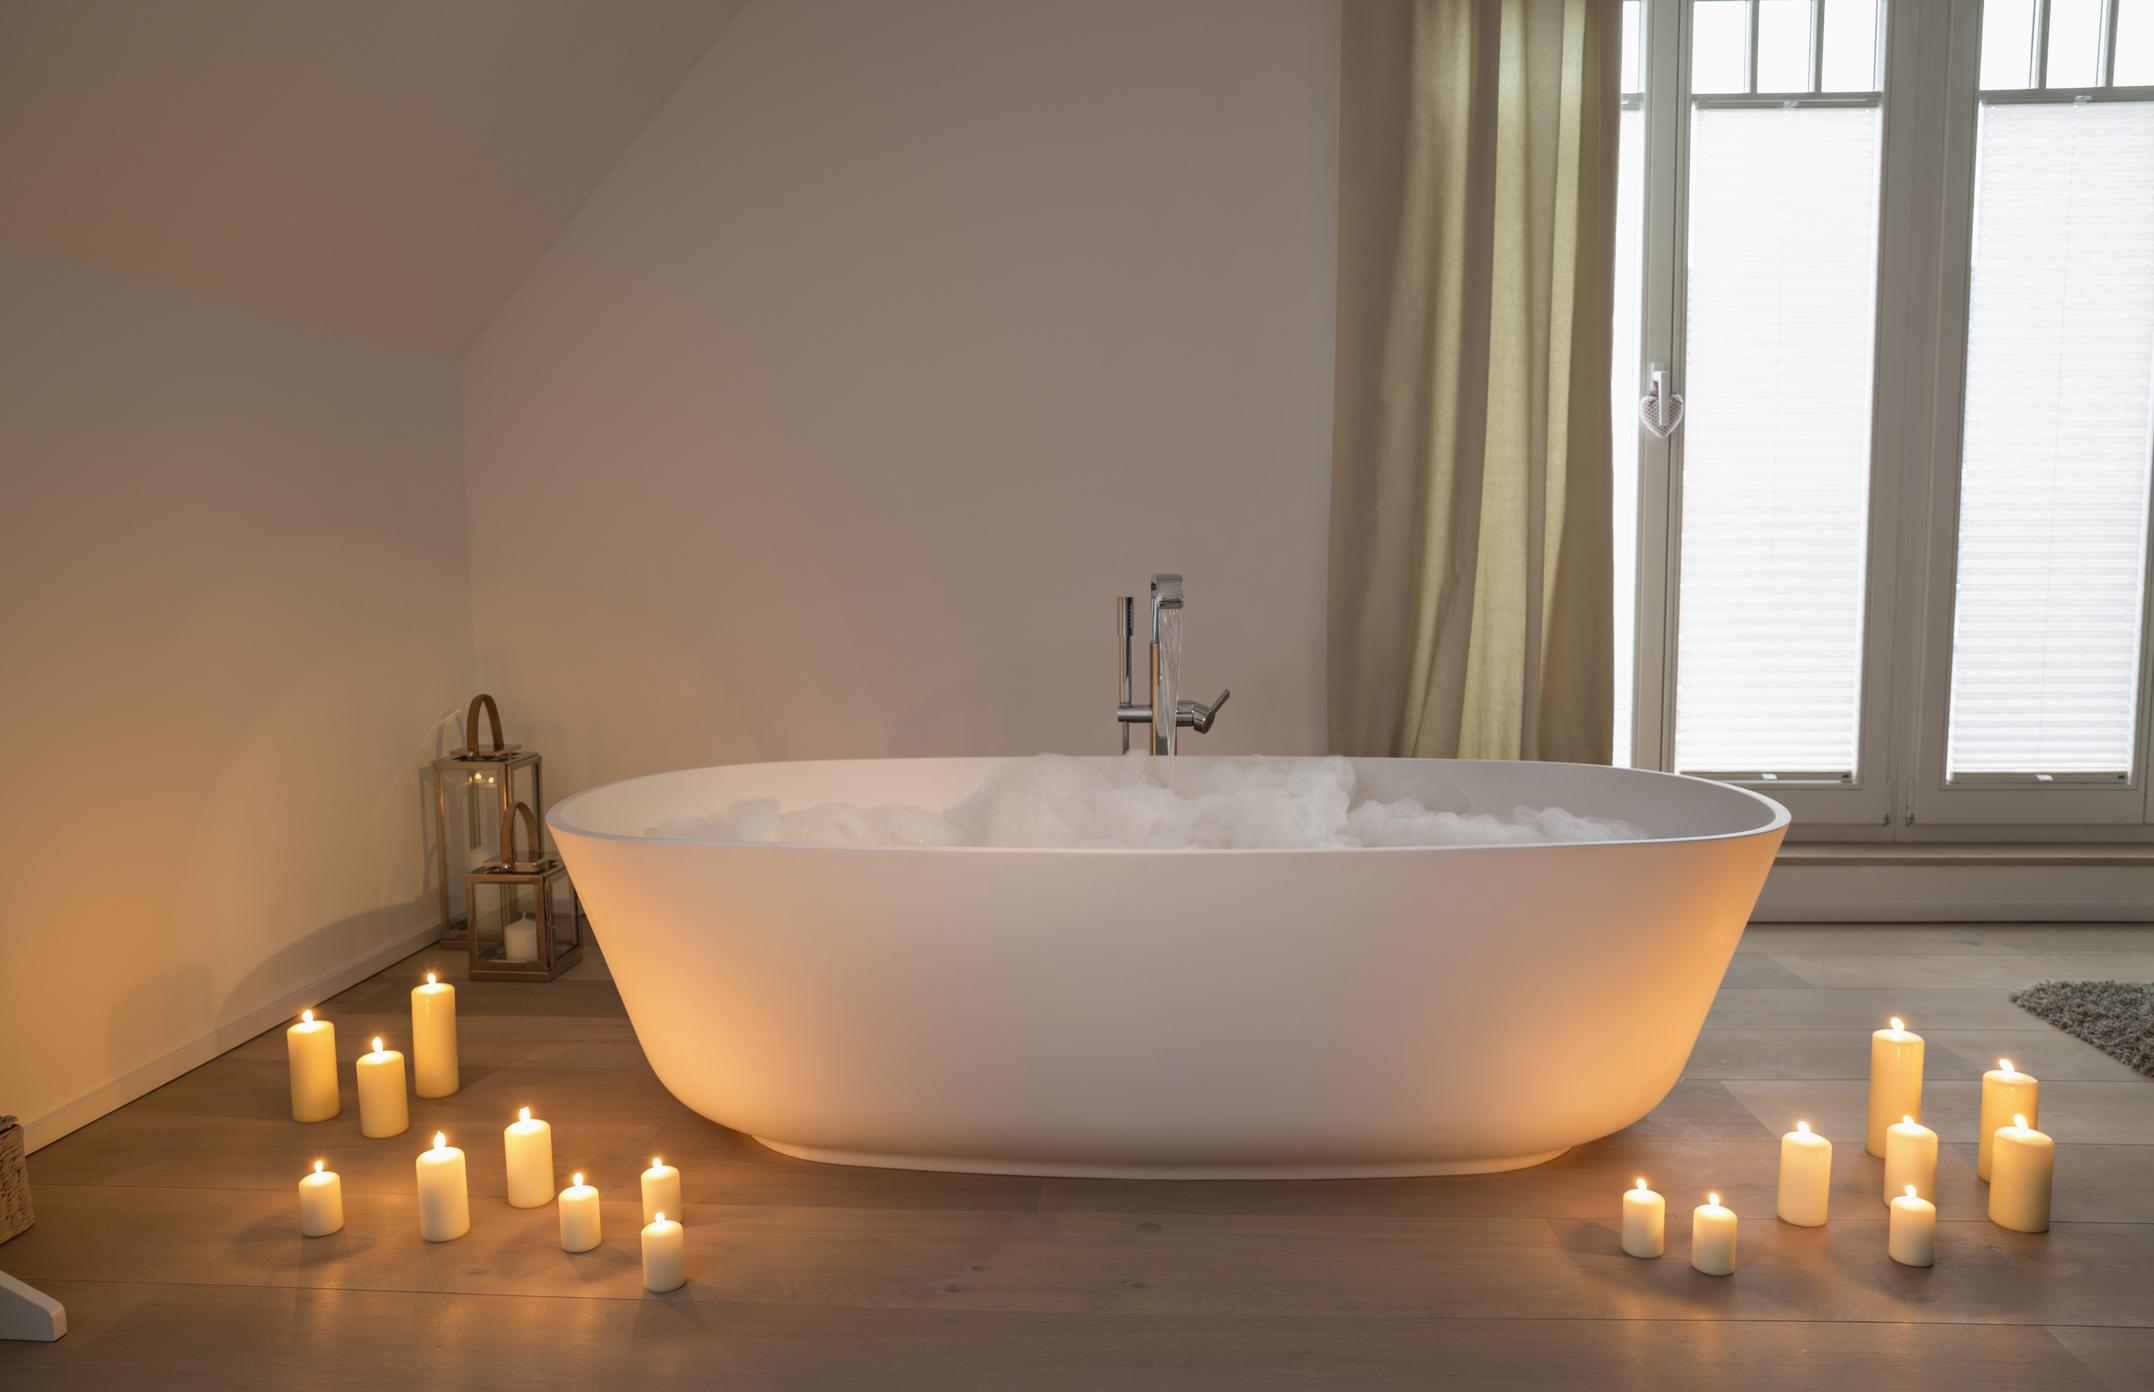 Принимать ванну – с пользой для здоровья и красоты. рецепты ванн в домашних условиях с натуральными ингредиентами